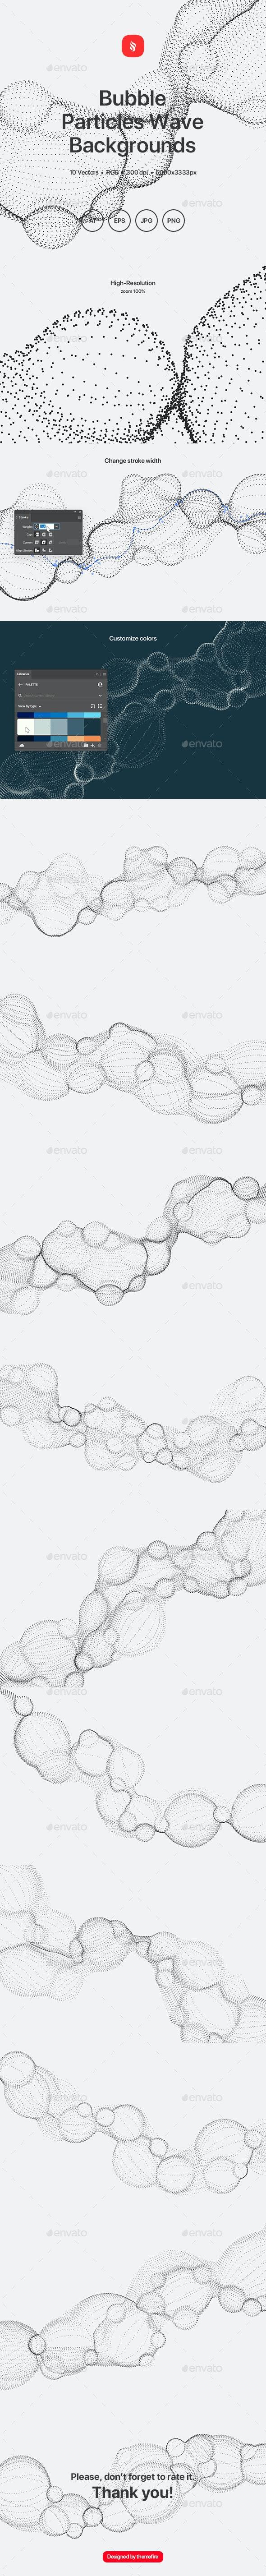 Bubble - Particles Wave Background - Tech / Futuristic Backgrounds